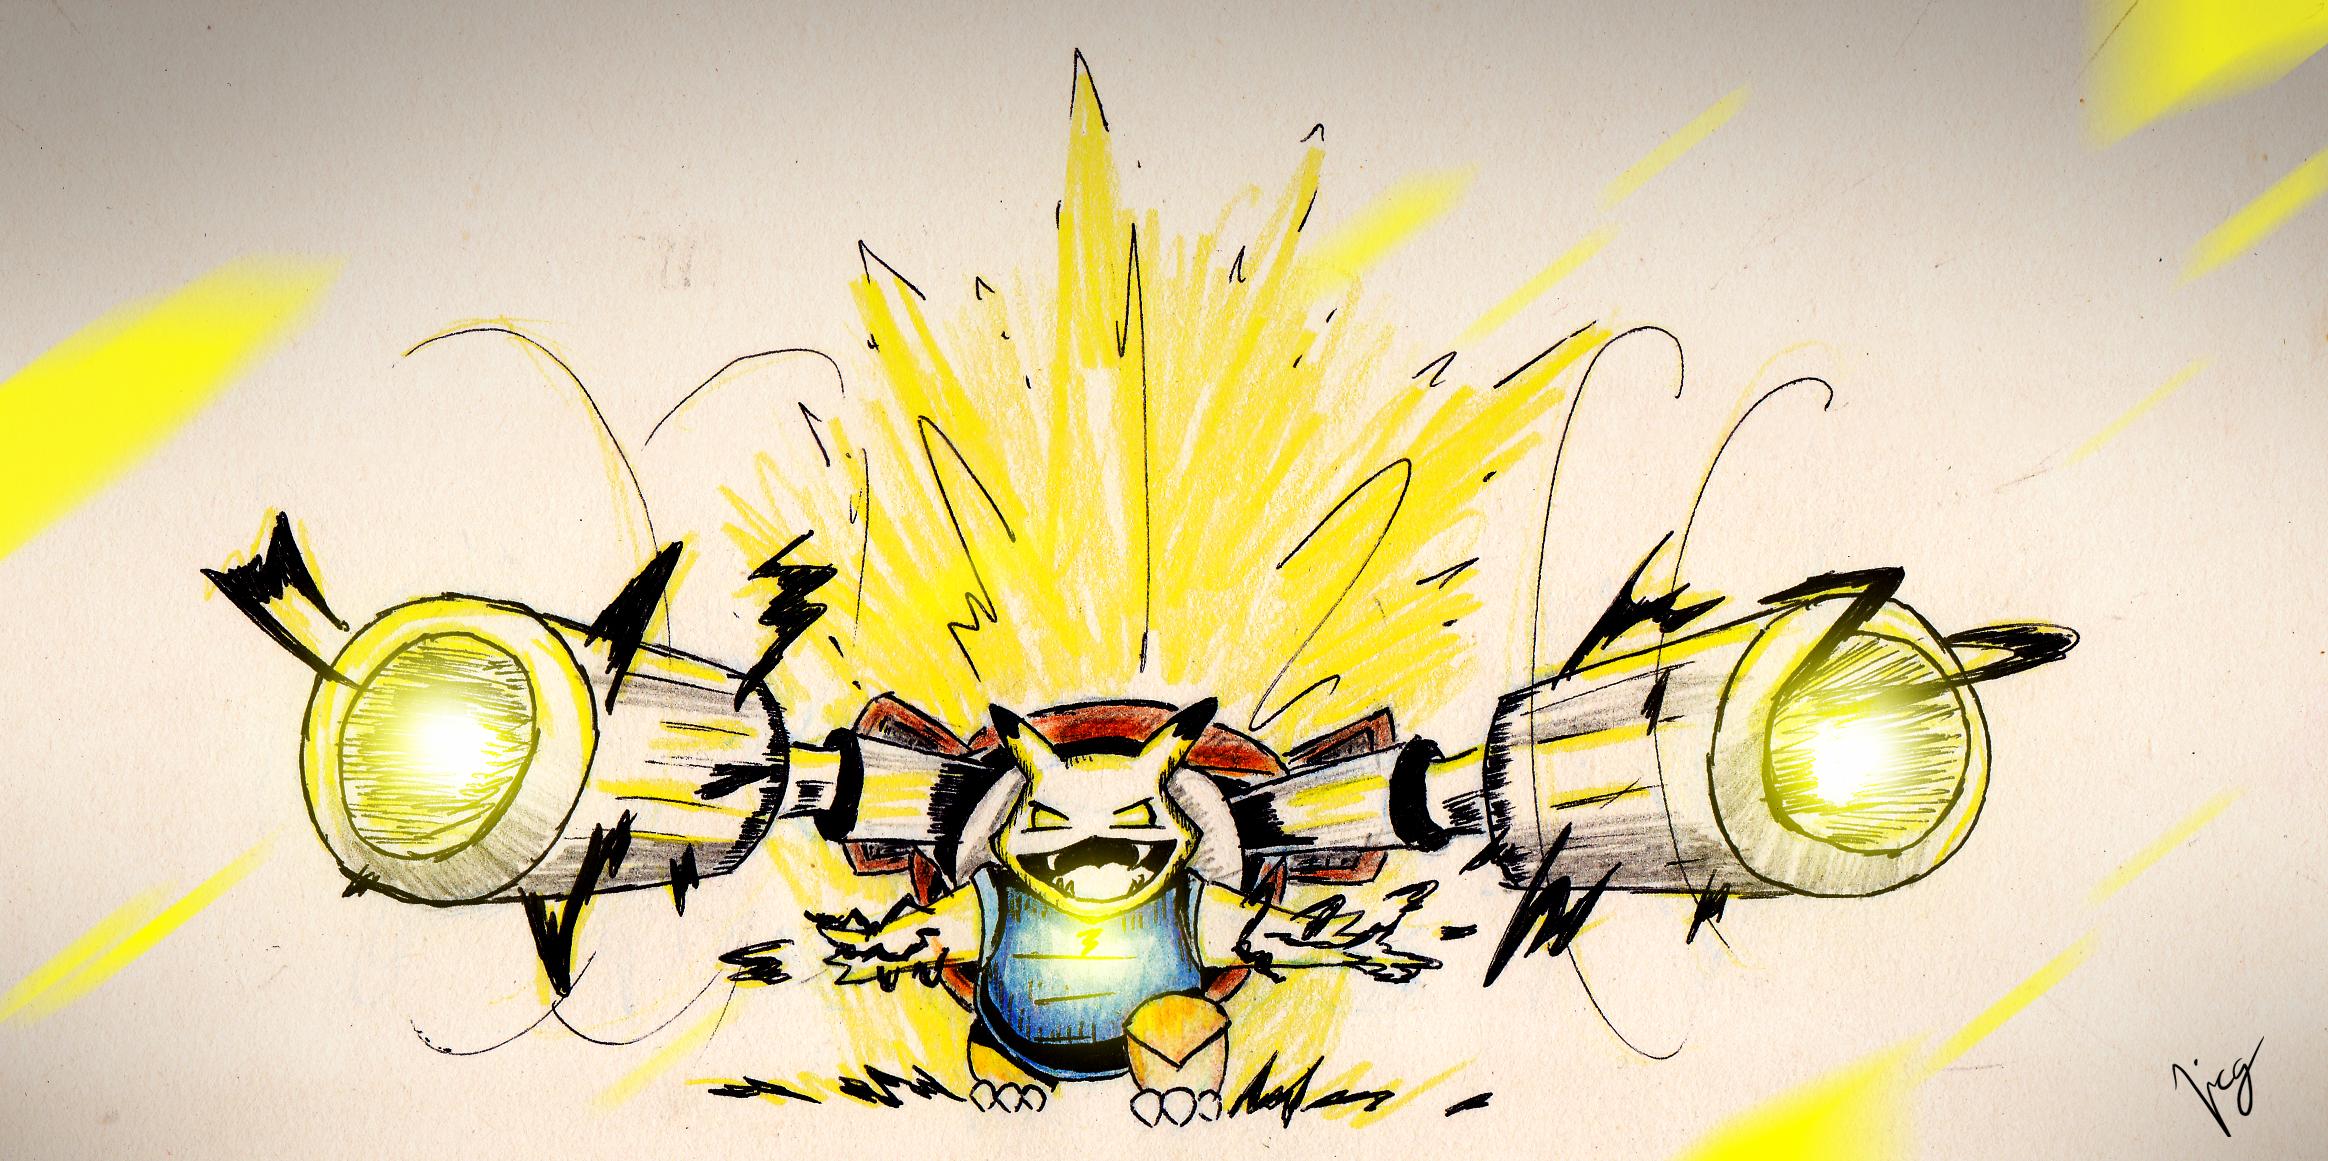 Pikachu + Blastoise = PIKABLAST